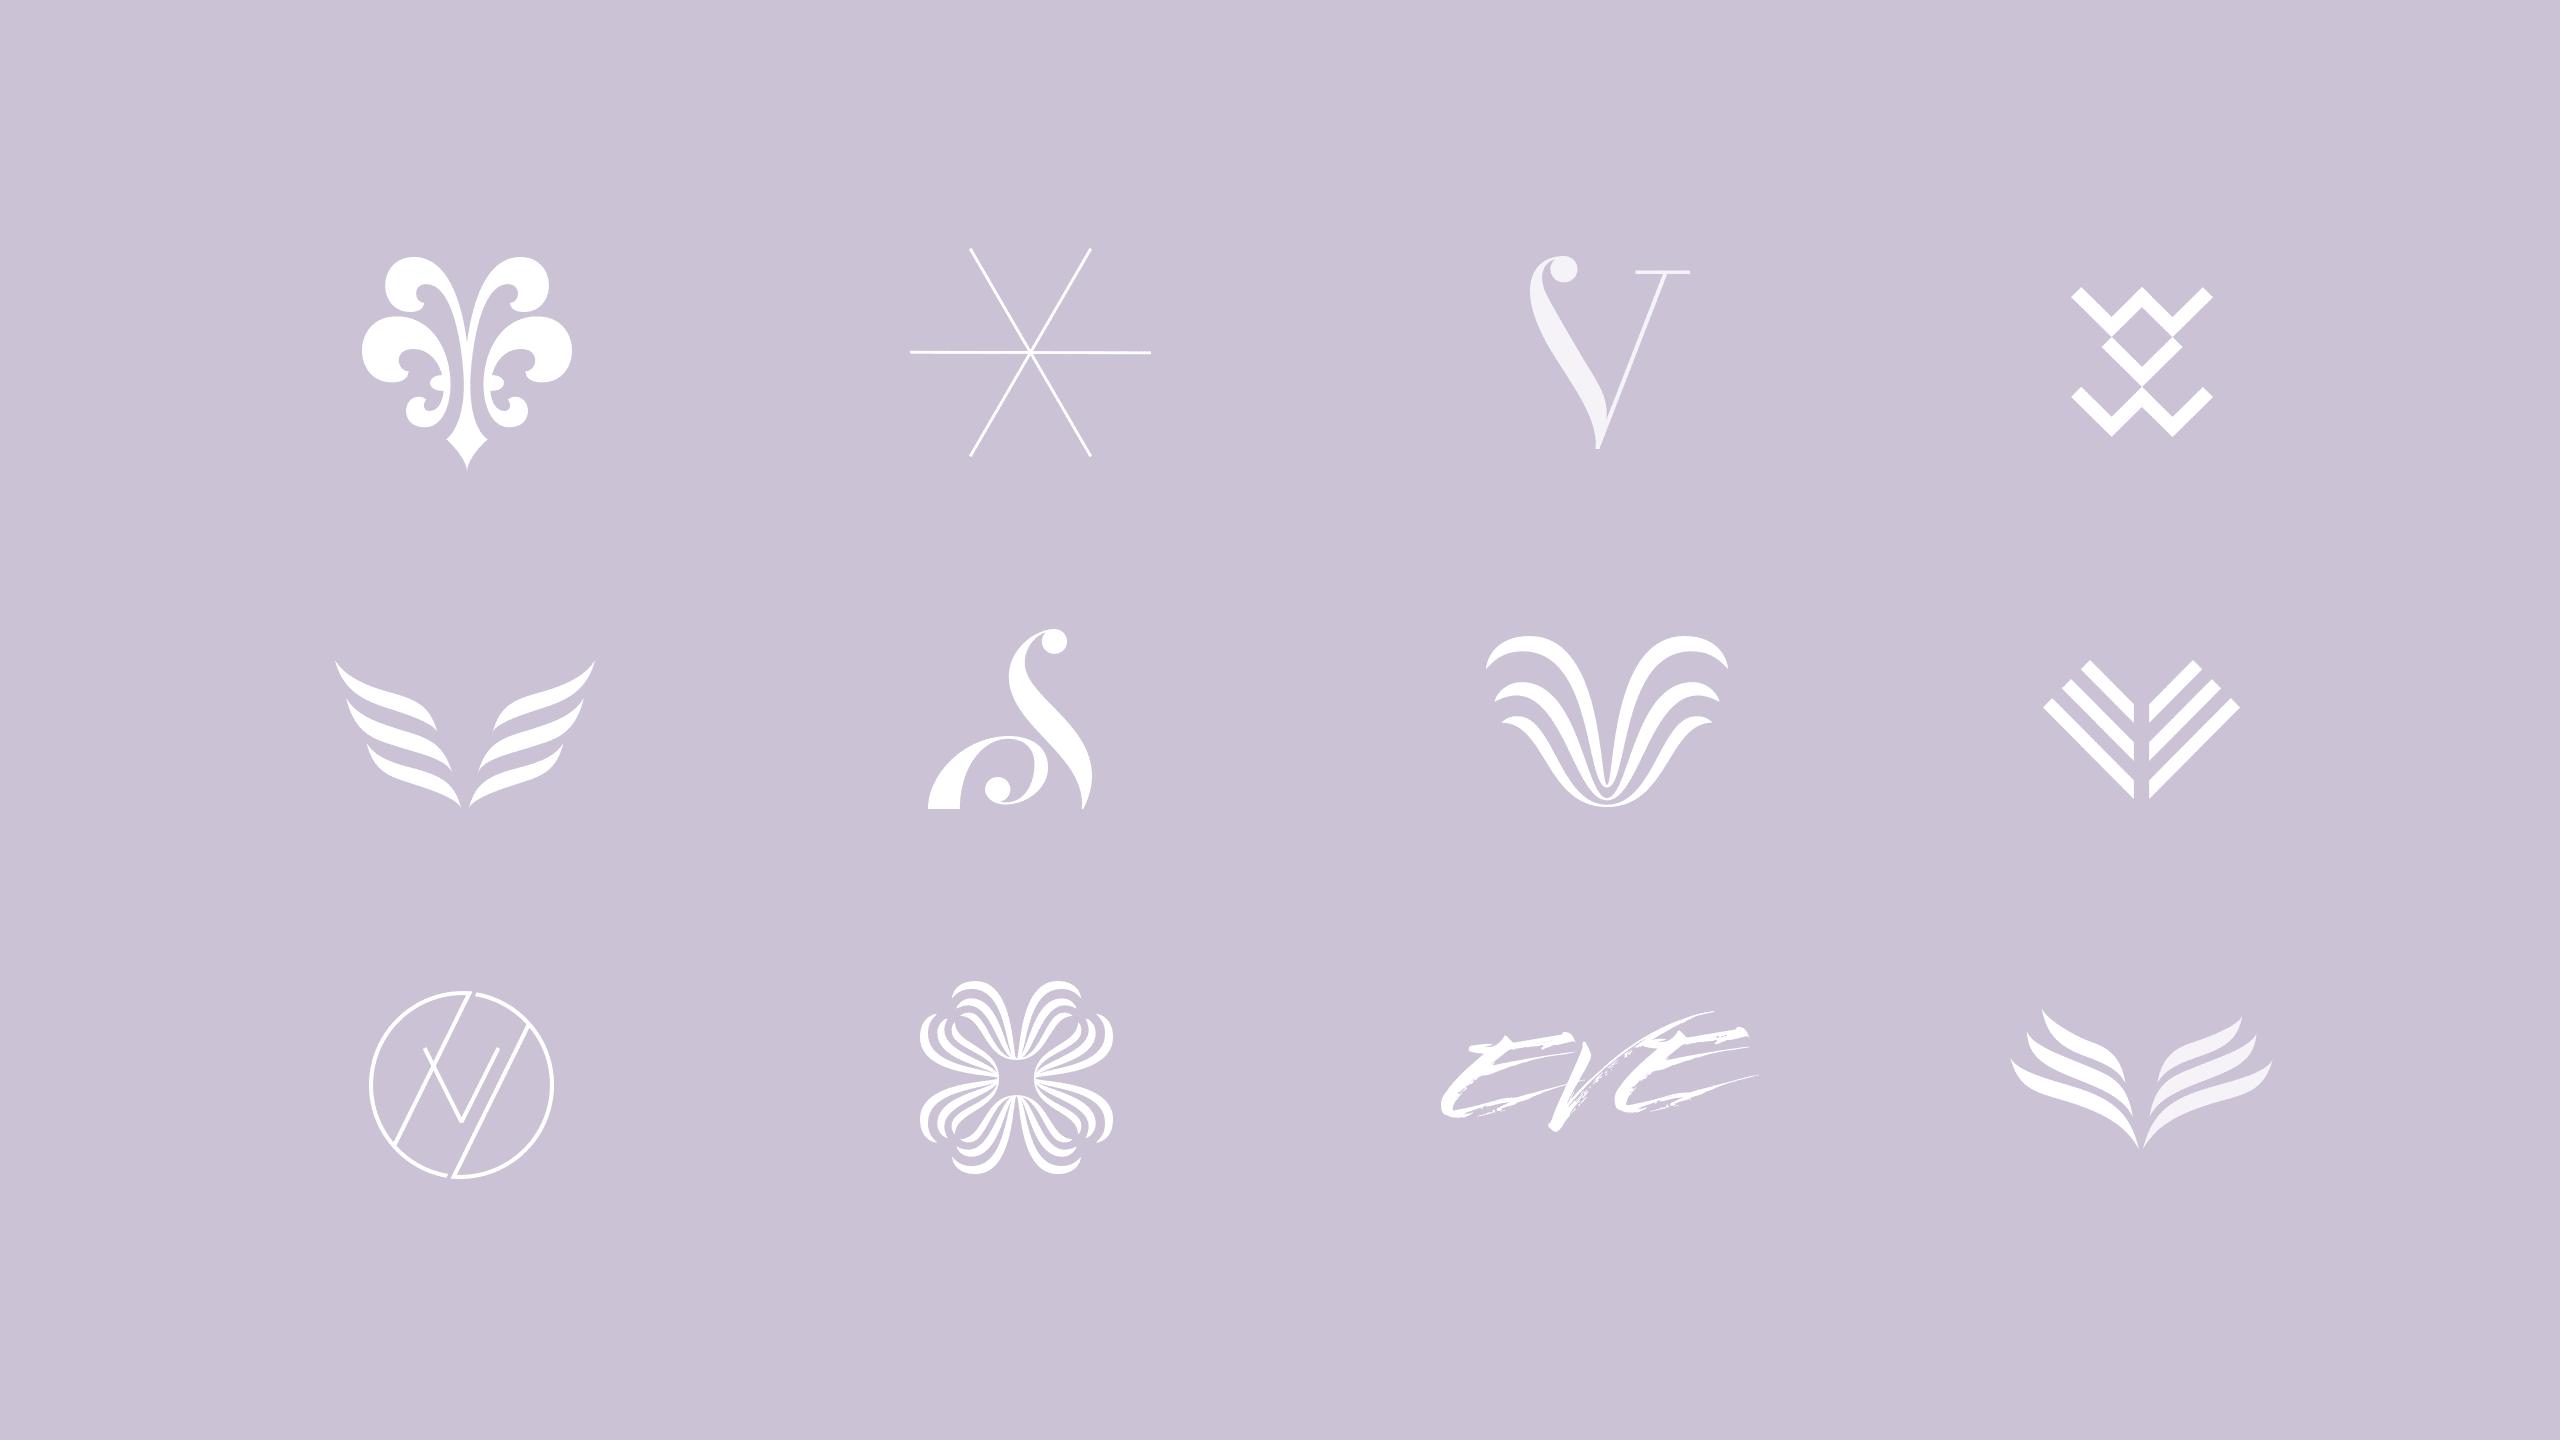 Digital logo drafts for Eve Stockholm